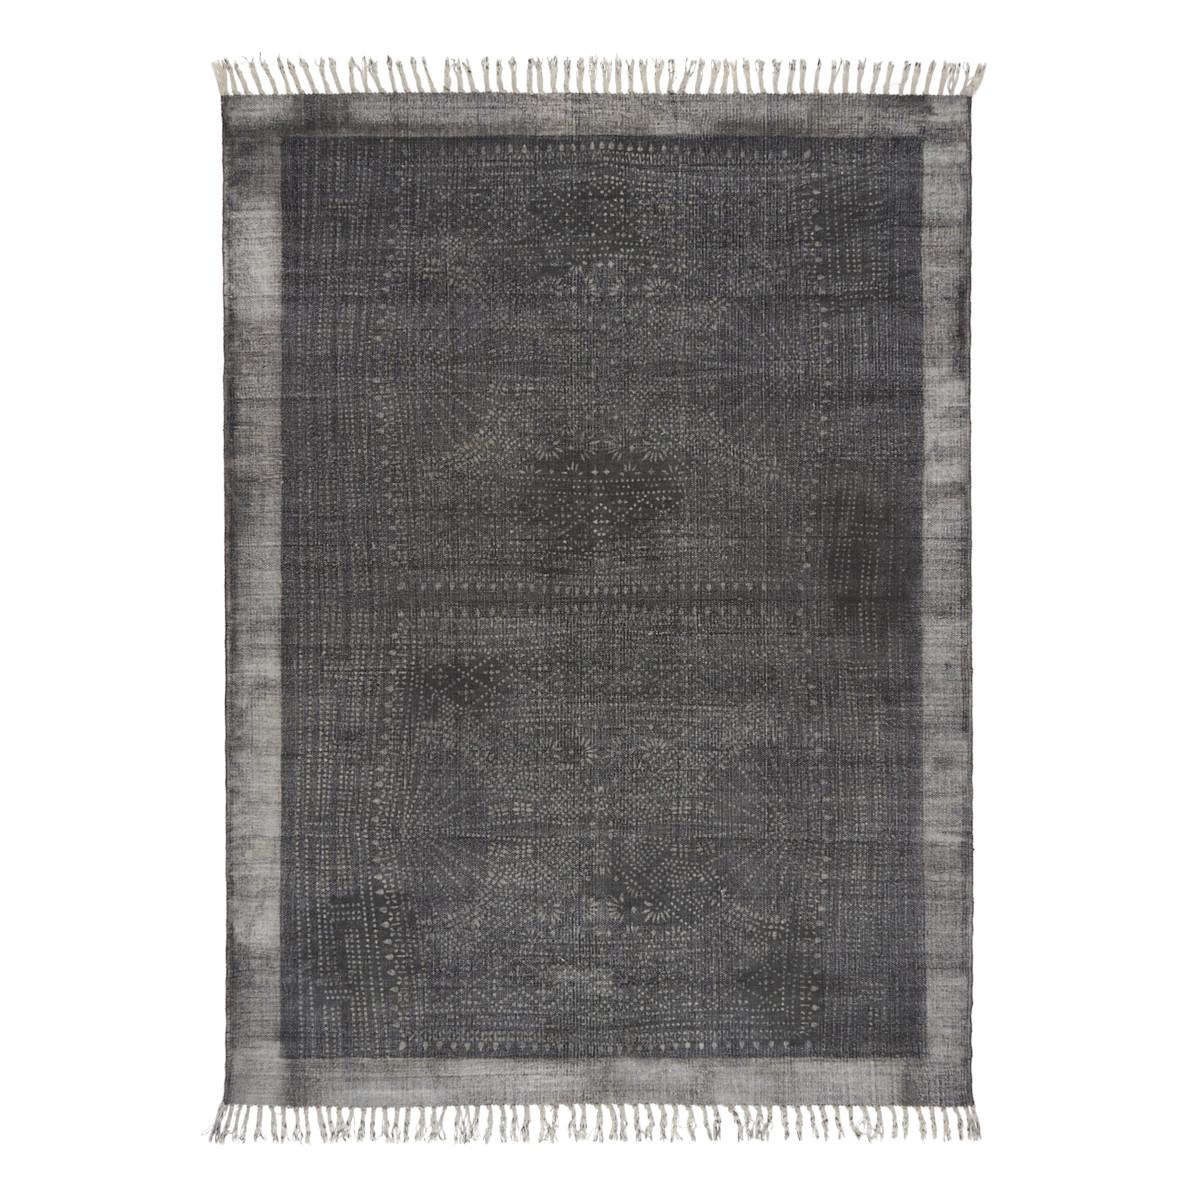 produkte aus teppiche impressionen meine wunschliste. Black Bedroom Furniture Sets. Home Design Ideas